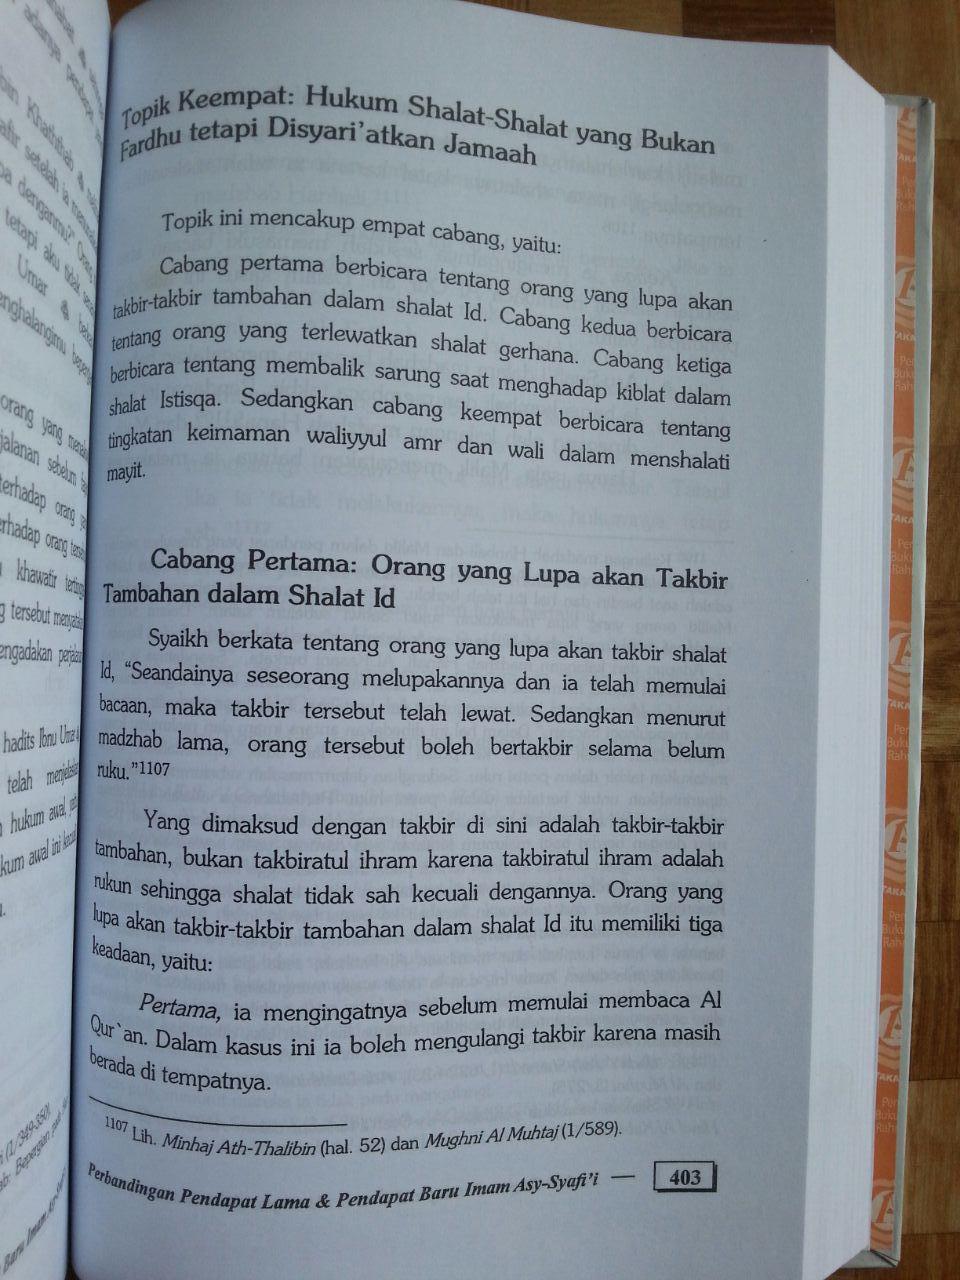 Buku Perbandingan Pendapat Lama Dan Pendapat Baru Imam Asy-Syafi'i isi 4